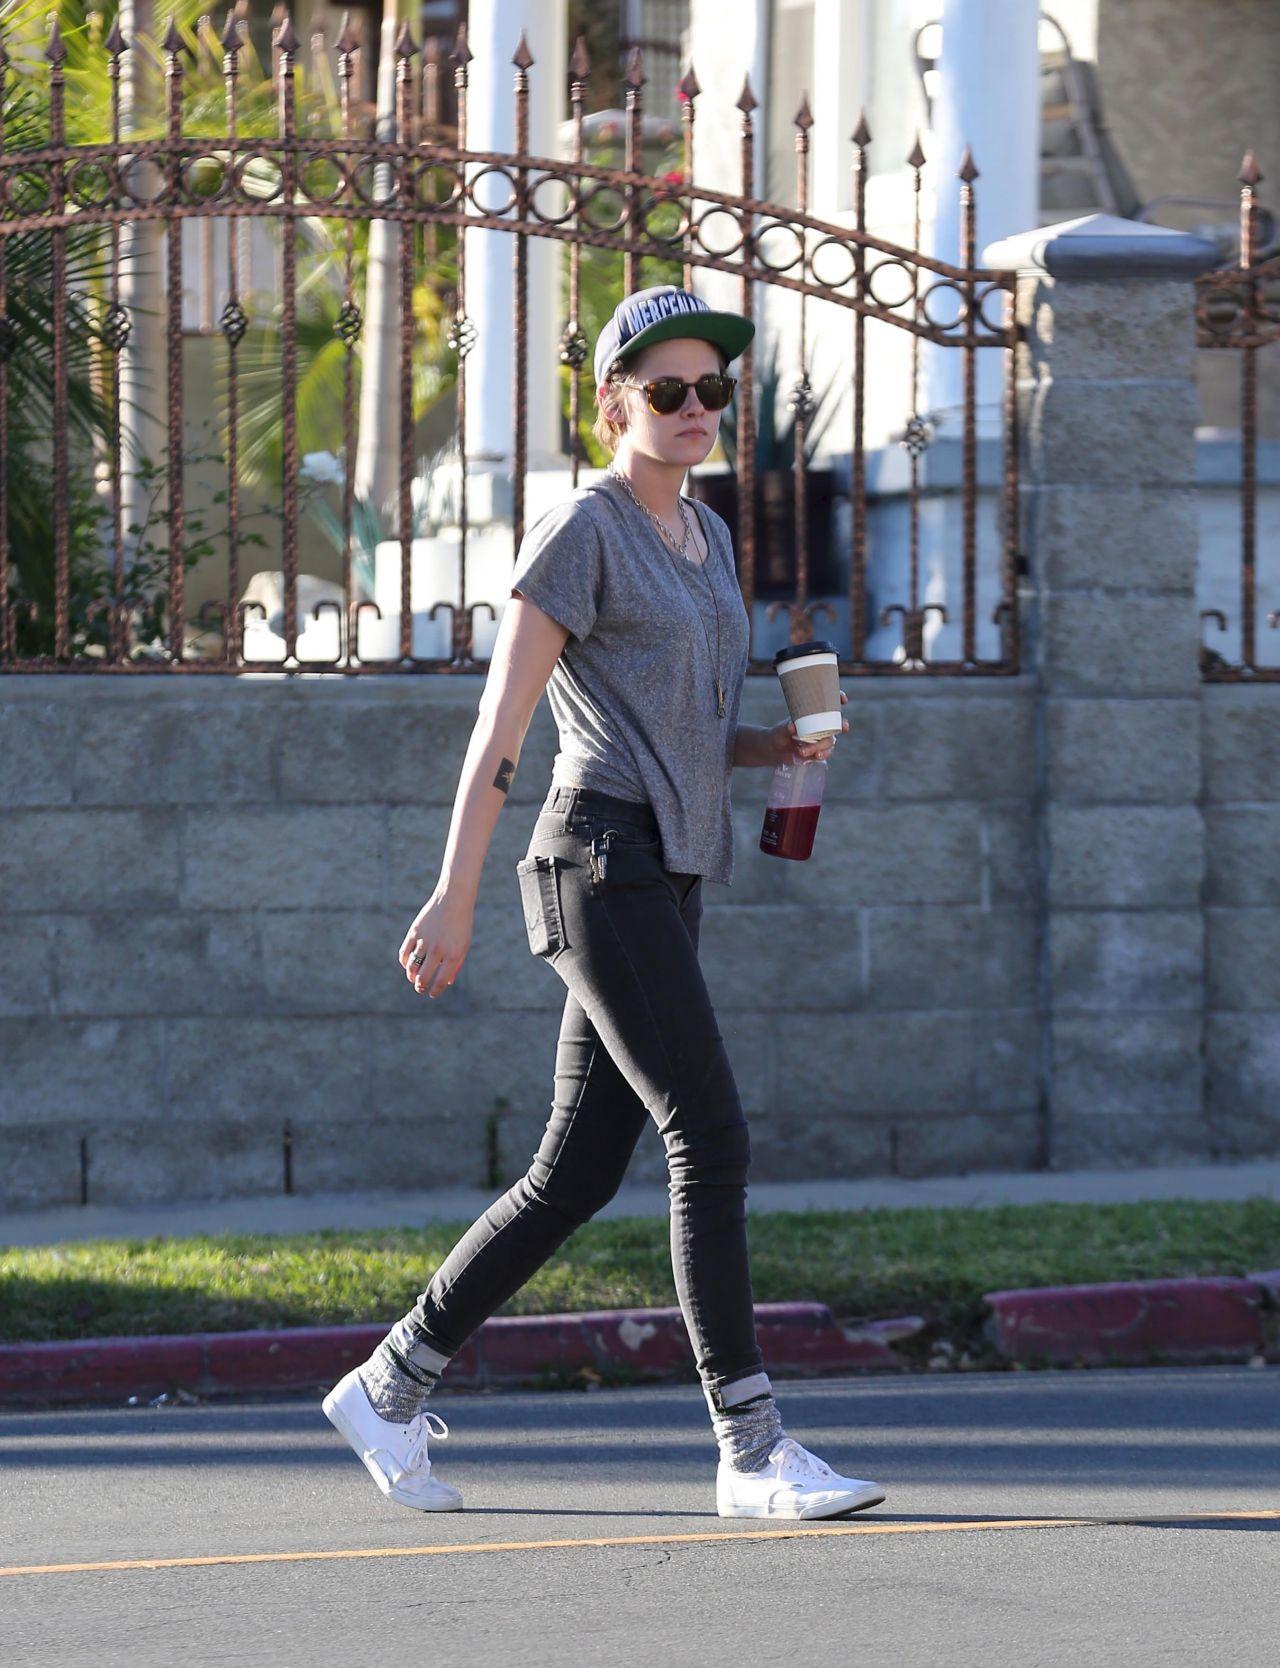 Kristen Stewart 2015 Celebrity Photos Street Style Out In La January